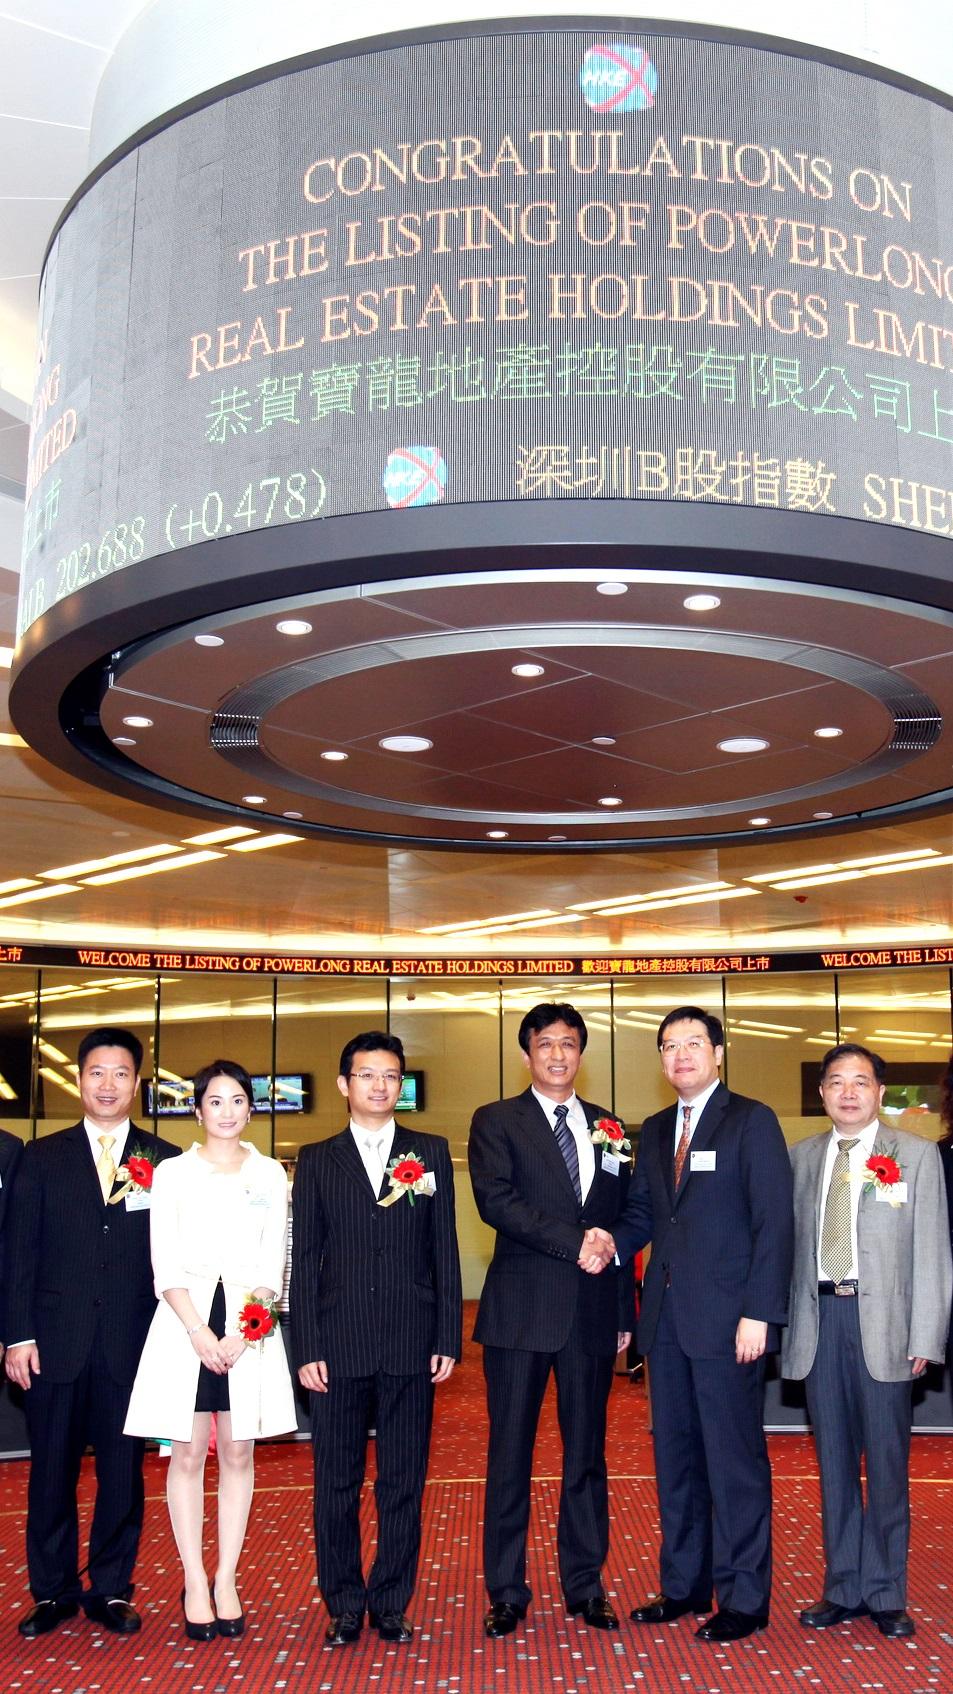 2009年10月14日 宝龙地产(HK.1238)于香港主板成功上市